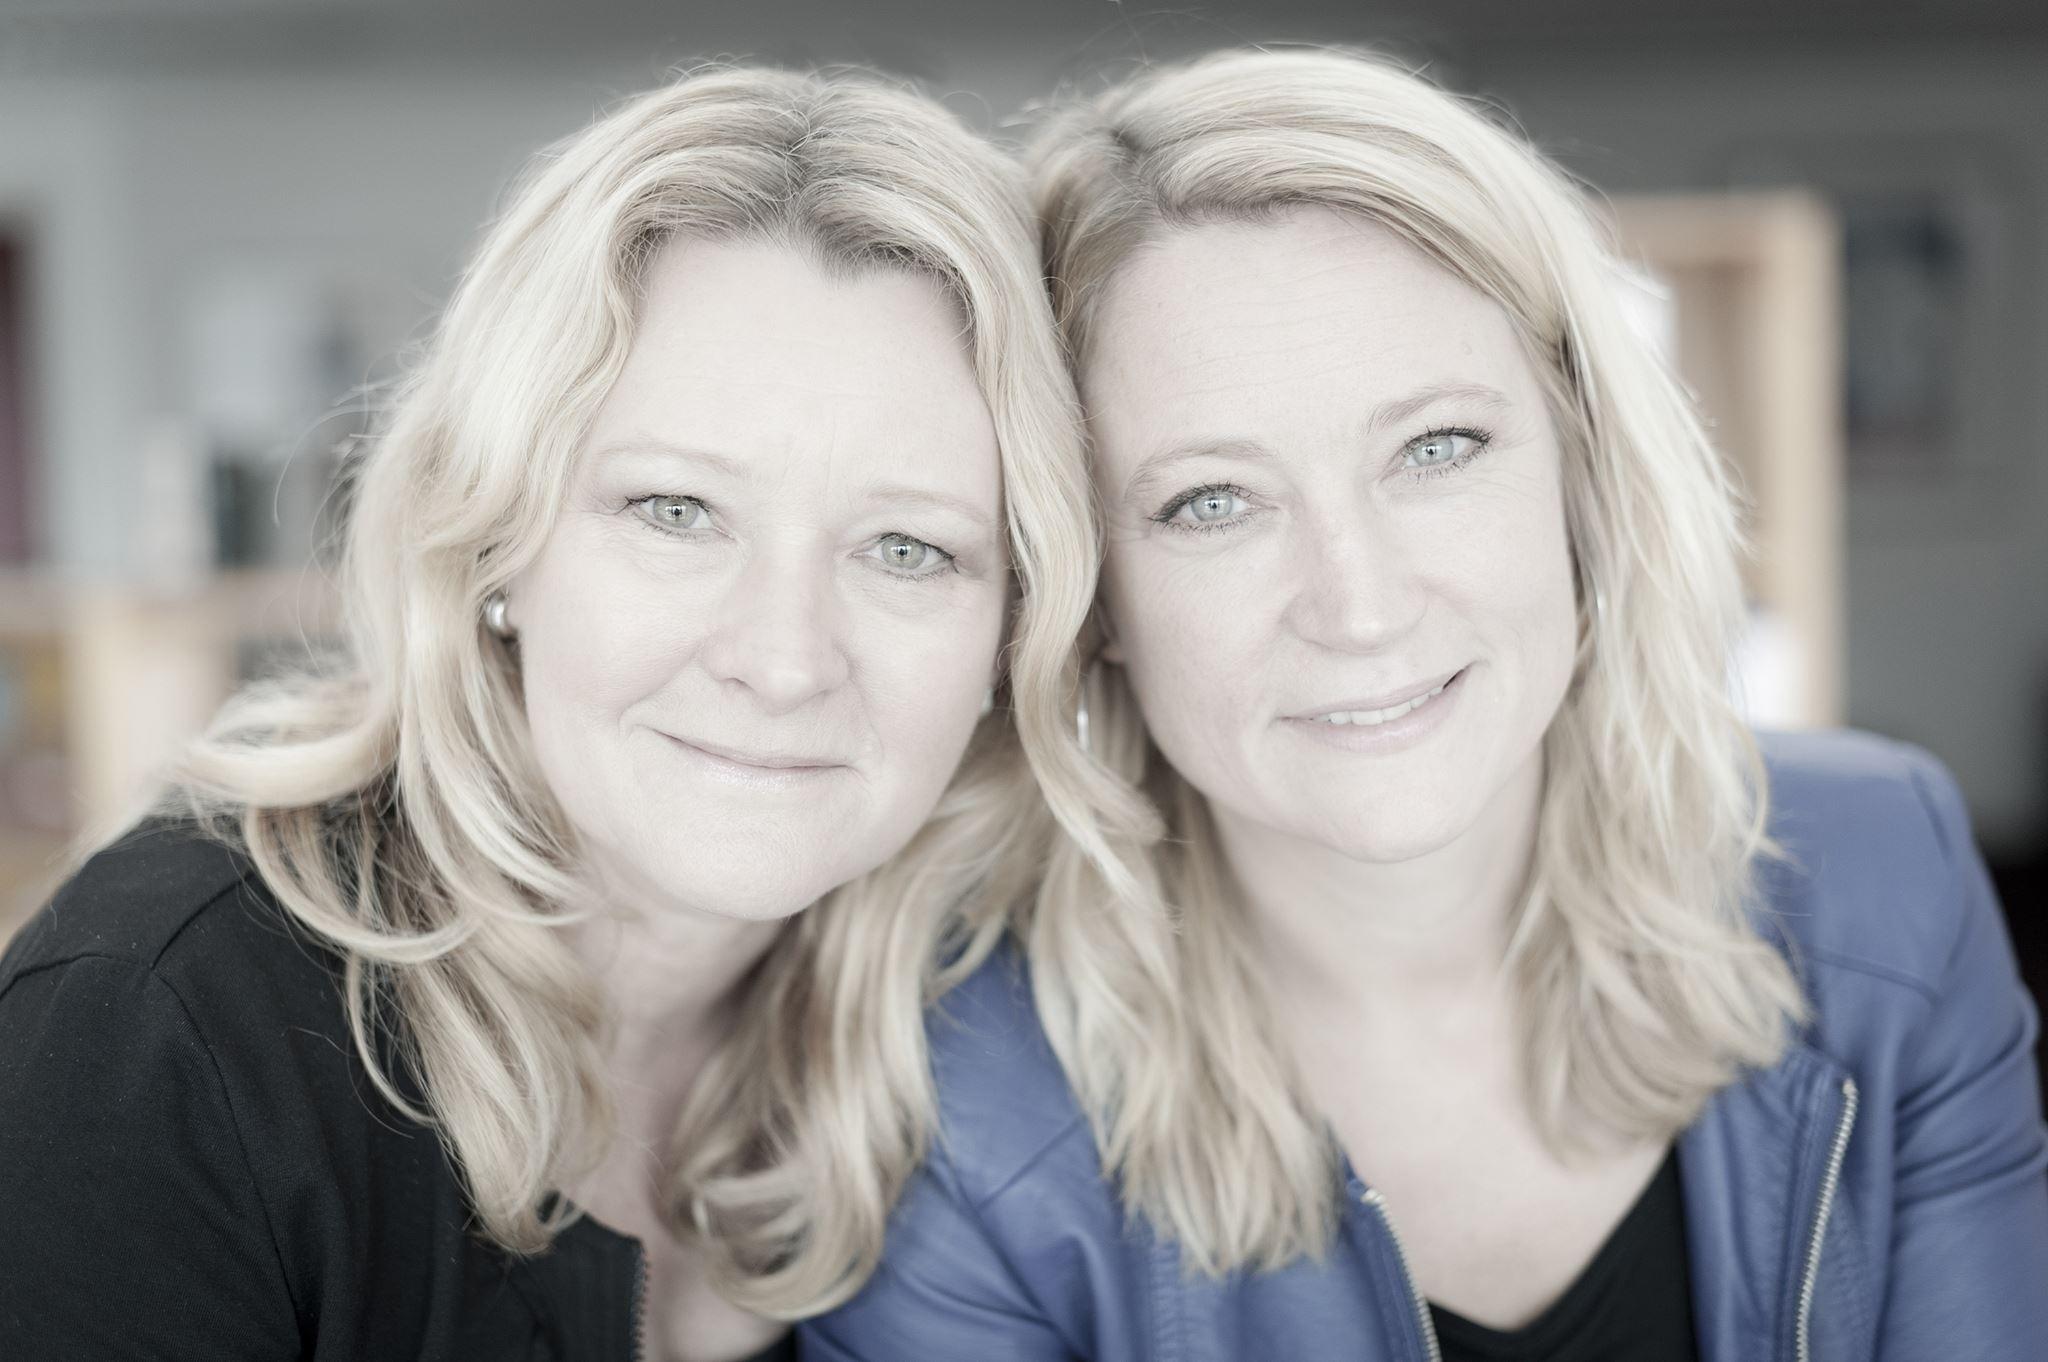 Team van den Berg: Henriet en Annemiek van den Berg